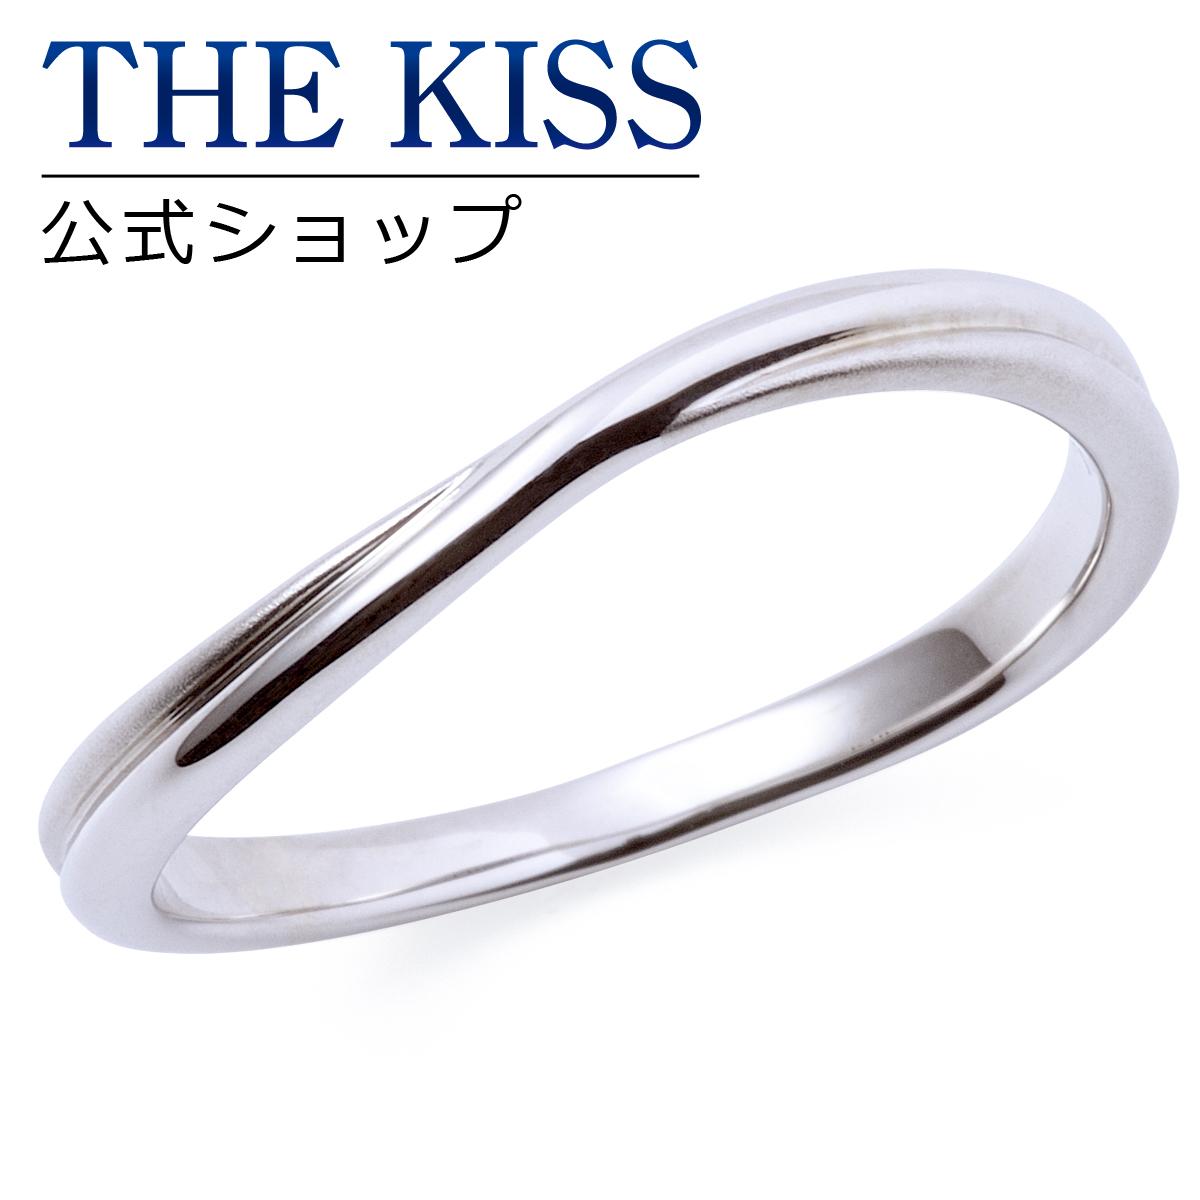 【あす楽対応】【送料無料】【THE KISS sweets】【ペアリング】 K10ホワイトゴールド メンズ リング (メンズ単品) K-R2927WG ☆ ゴールド ペア リング 指輪 ブランド GOLD Pair Ring couple